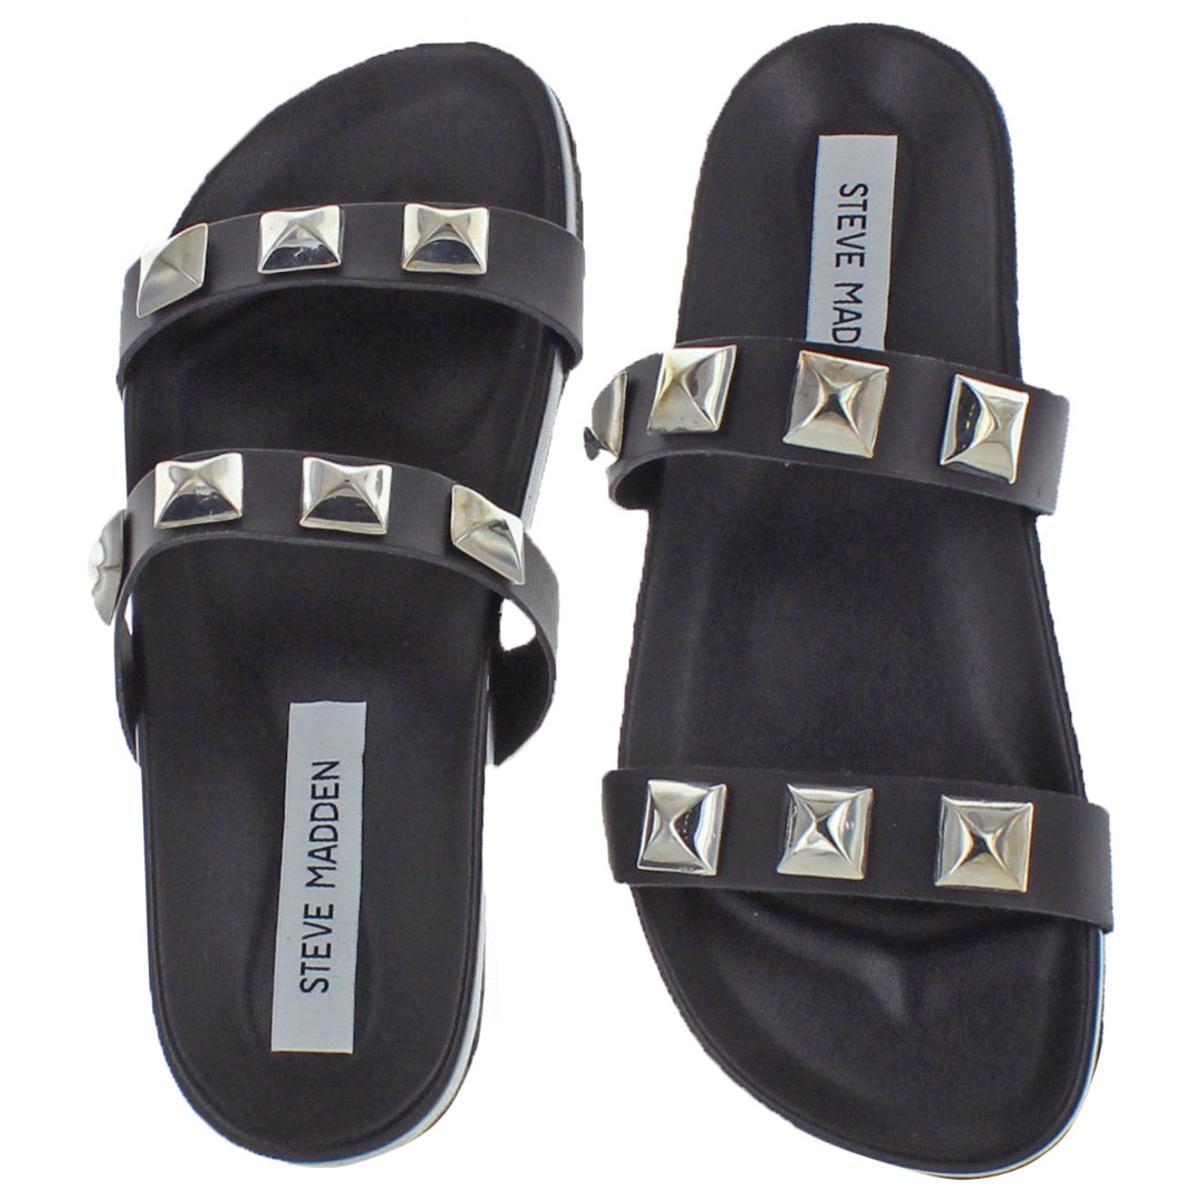 Steve-Madden-Women-039-s-Yield-Leather-Studded-Flat-Slide-Sandals thumbnail 4